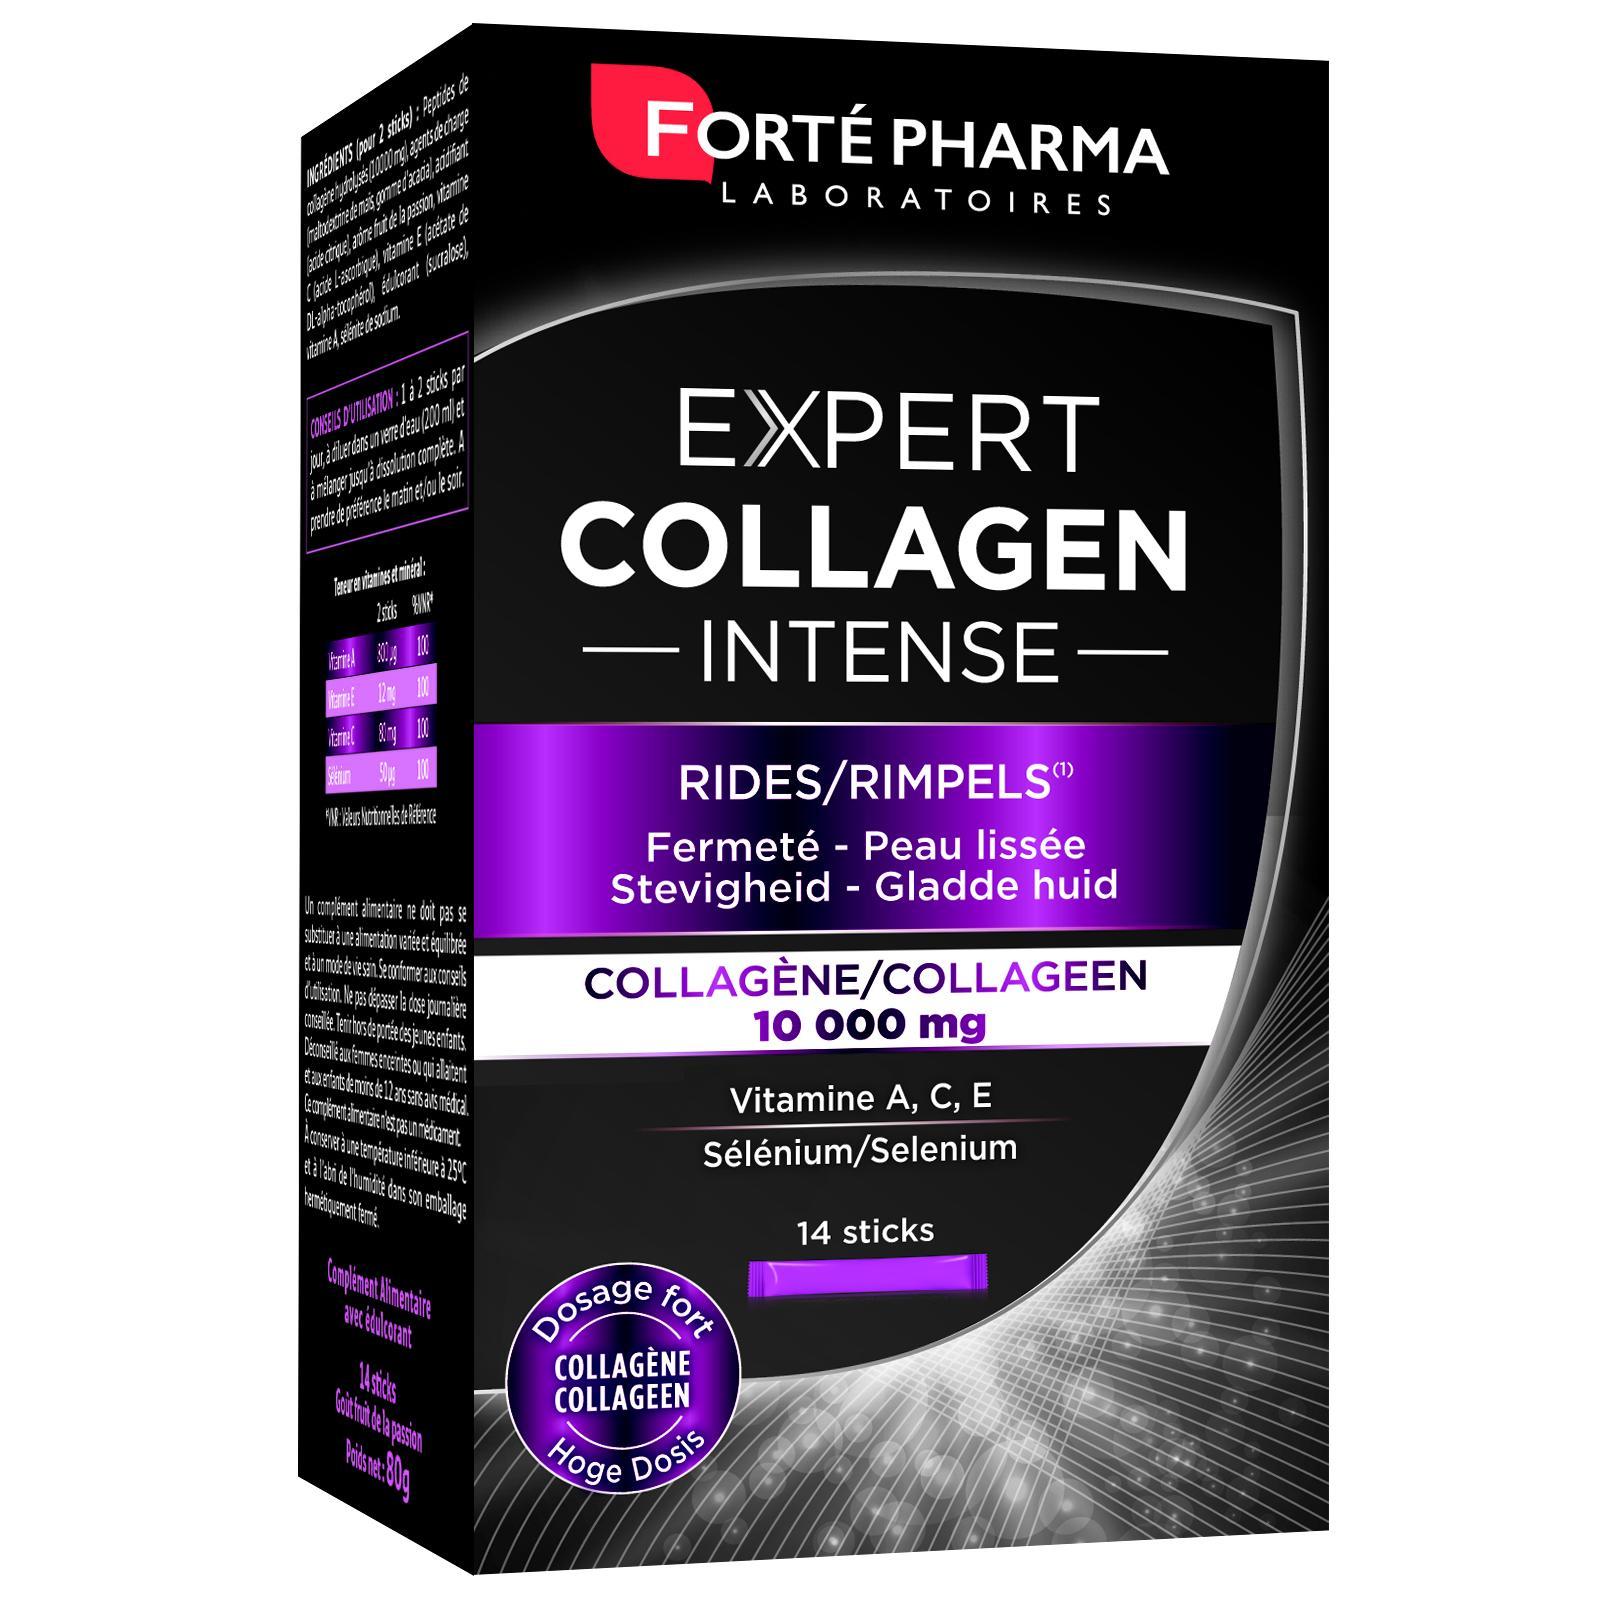 Forté Pharma Expert Collagen Intense